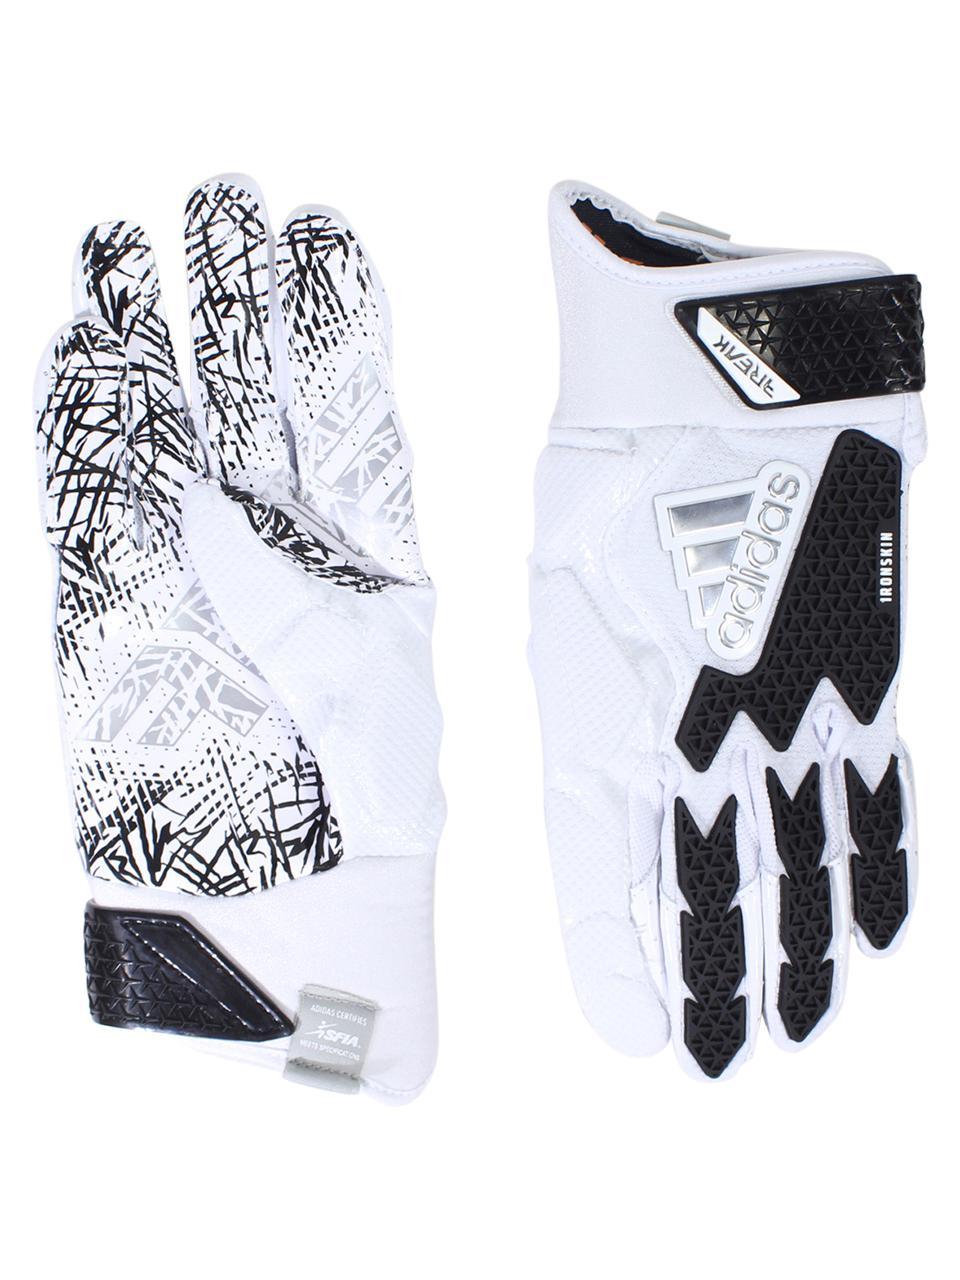 Adidas Men's Freak-3.0 Football Gloves